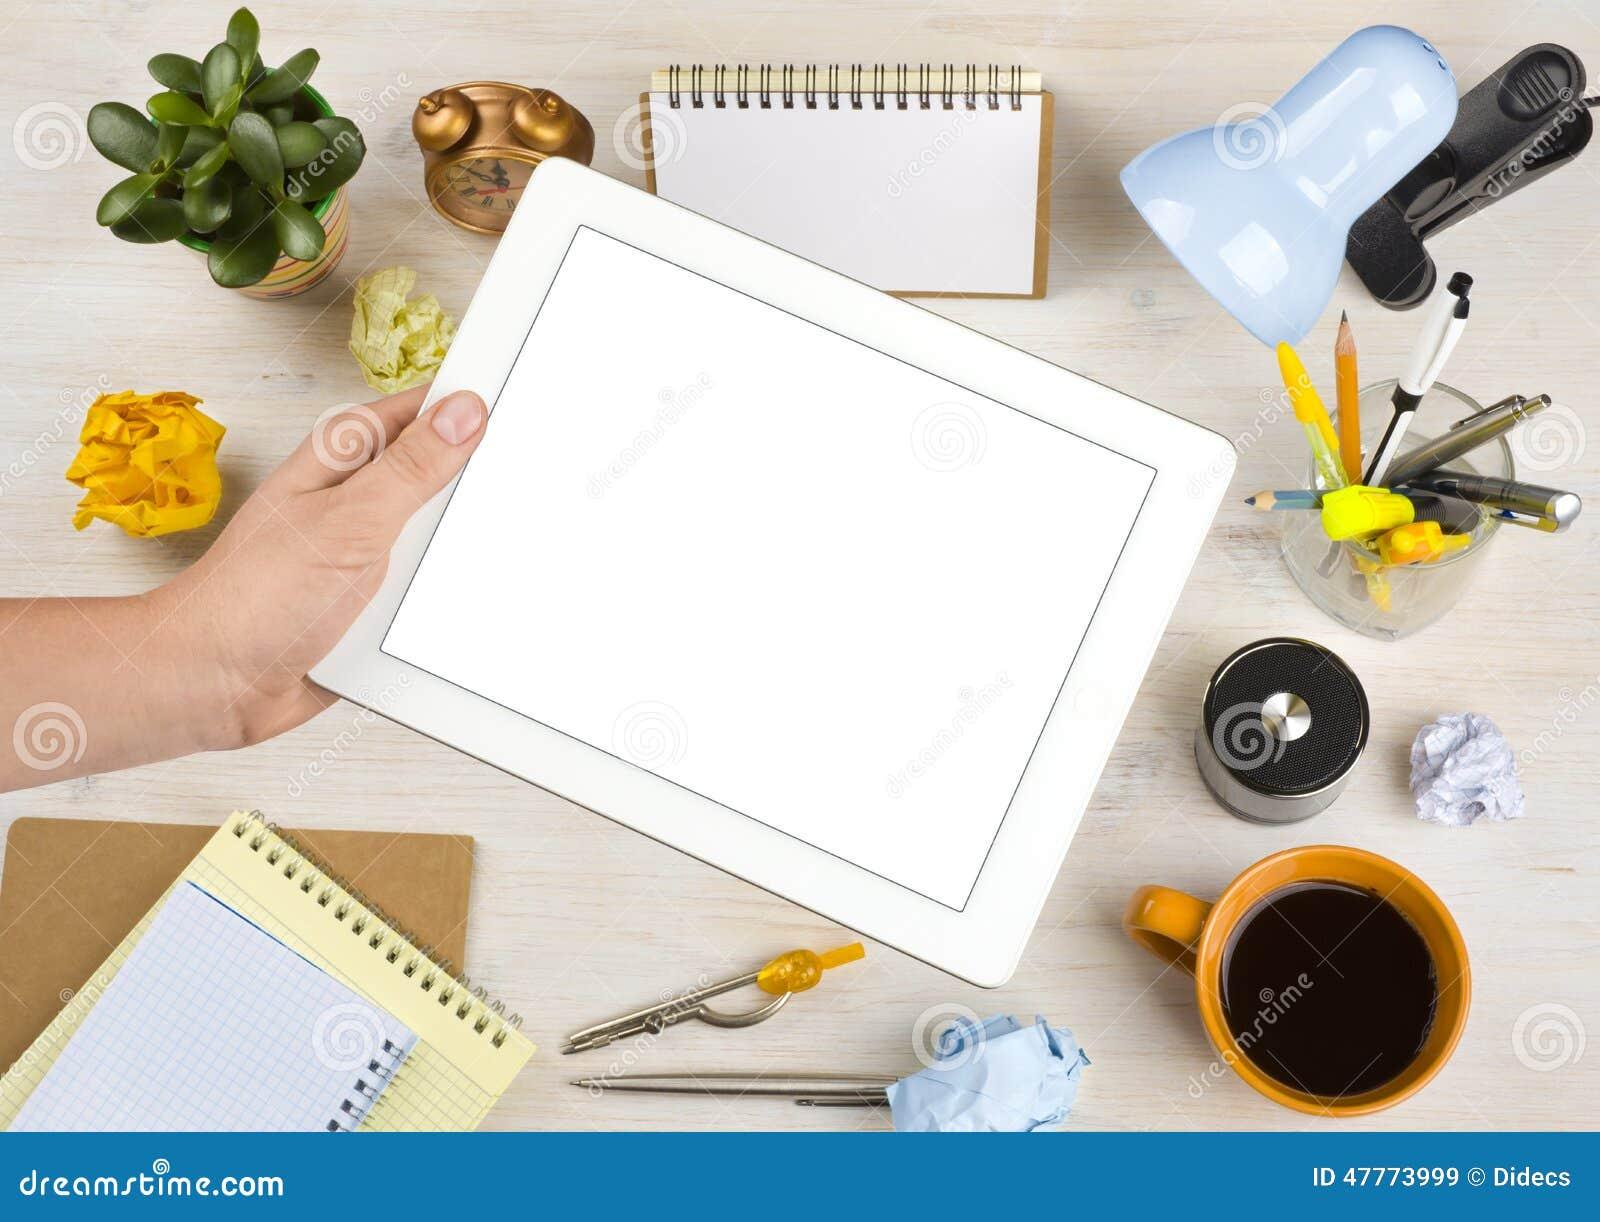 Tablet Computer Des Leeren Bildschirms über Schreibtischhintergrund